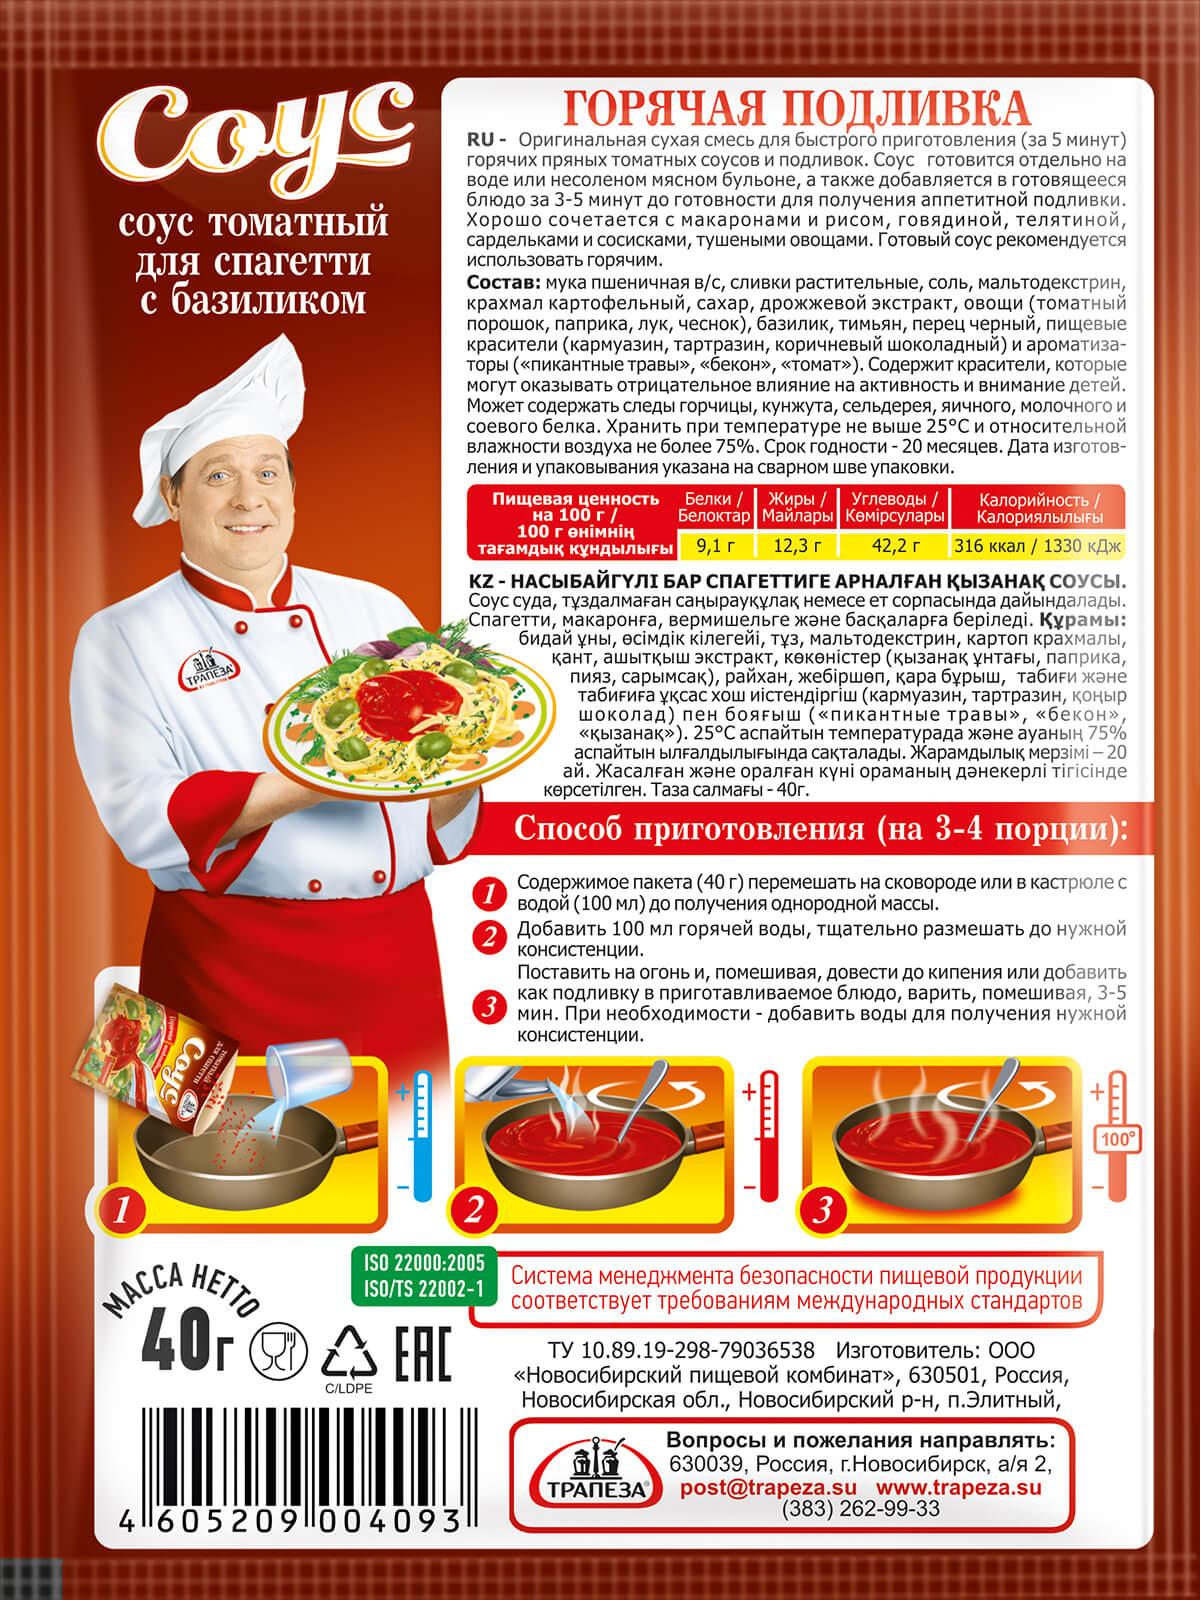 Соус томатный для спагетти Трапеза 50г.